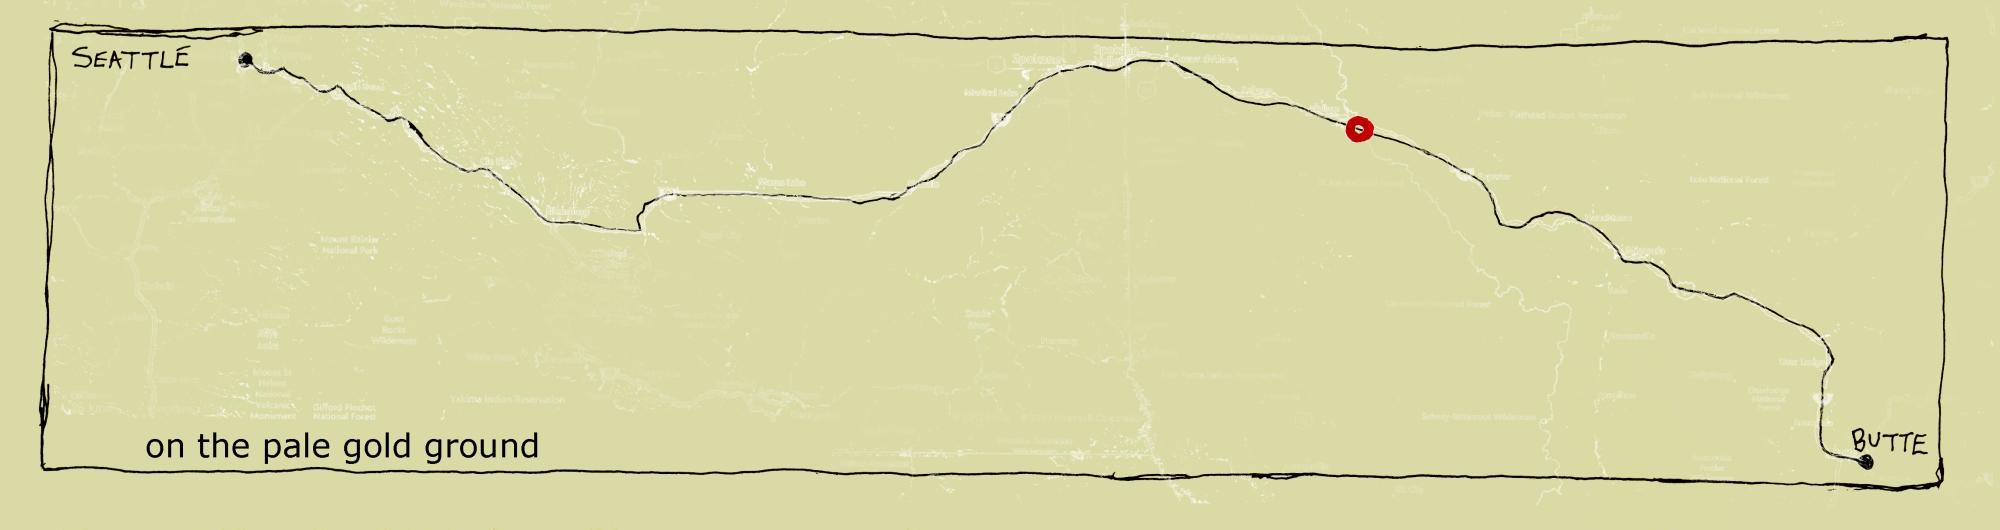 360 map